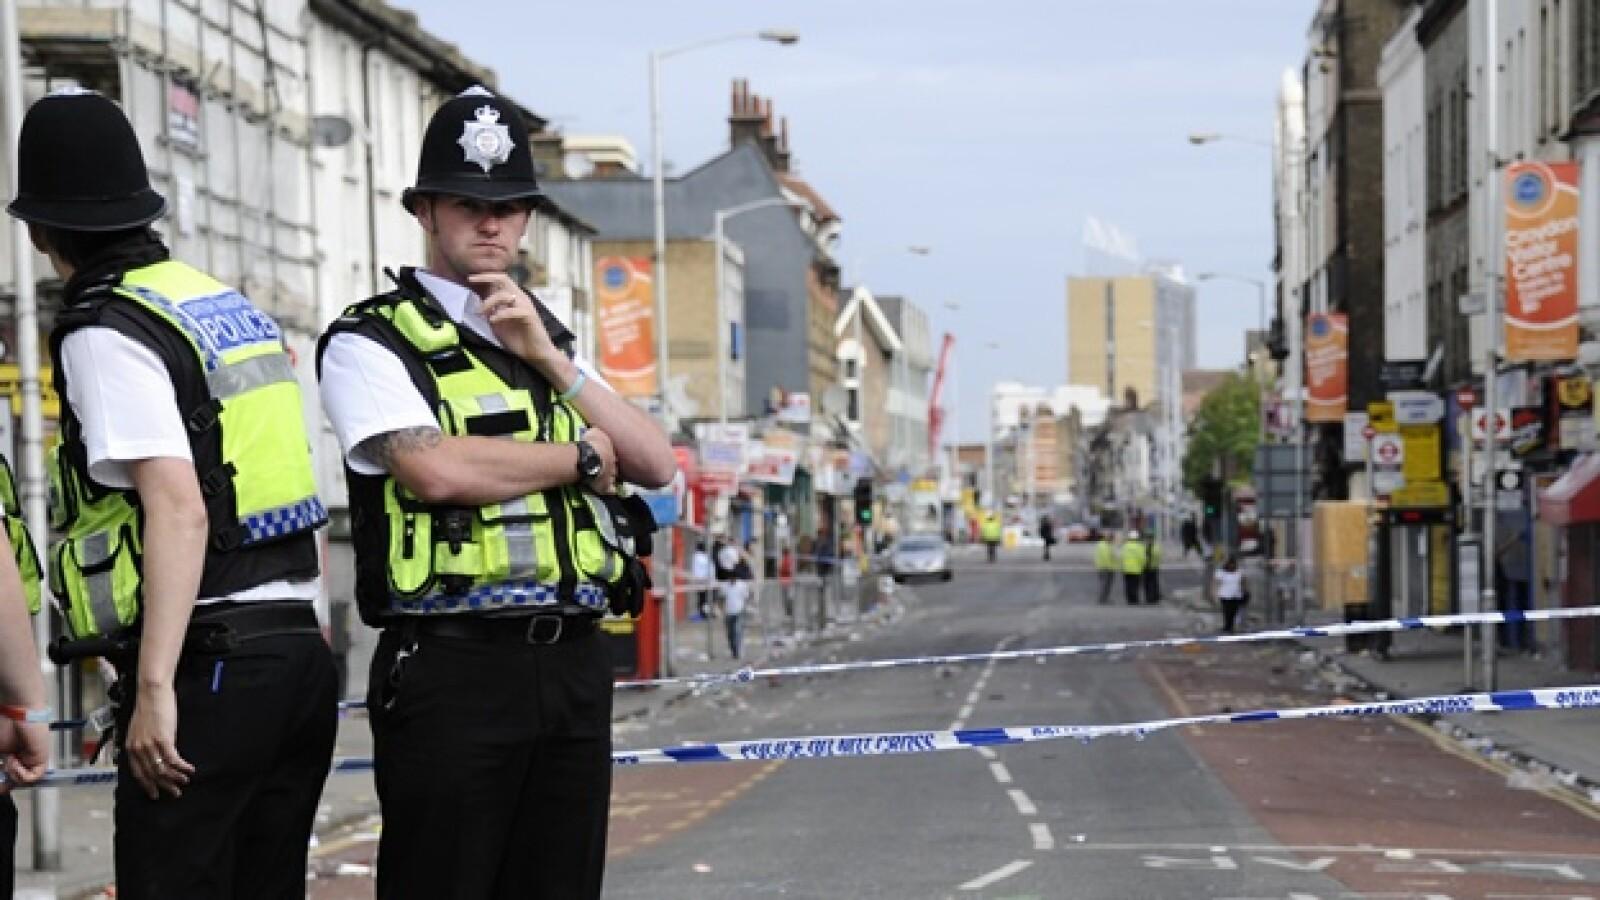 policias vigilan una calle en Croydon